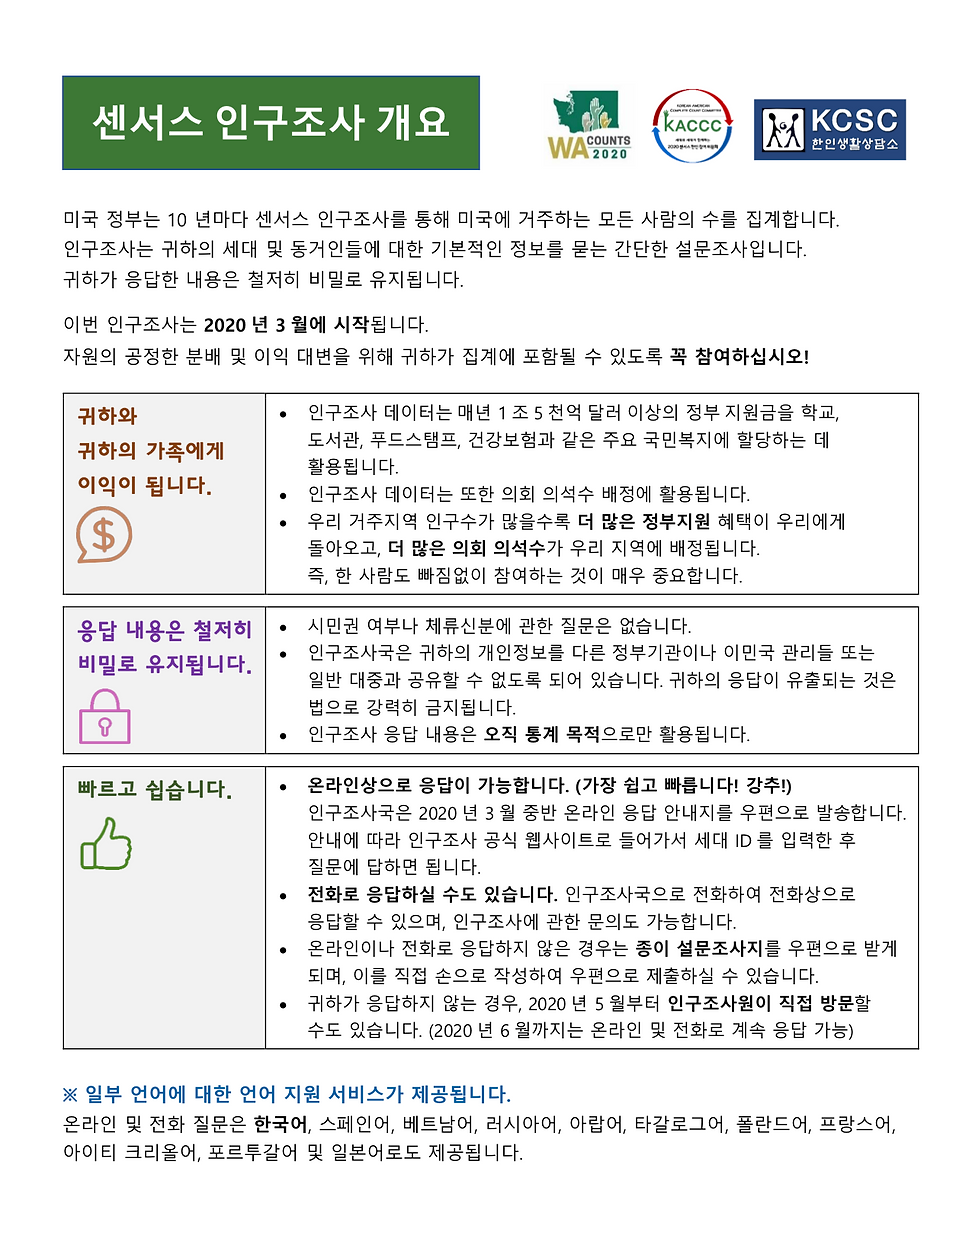 인구조사 개요(update).png